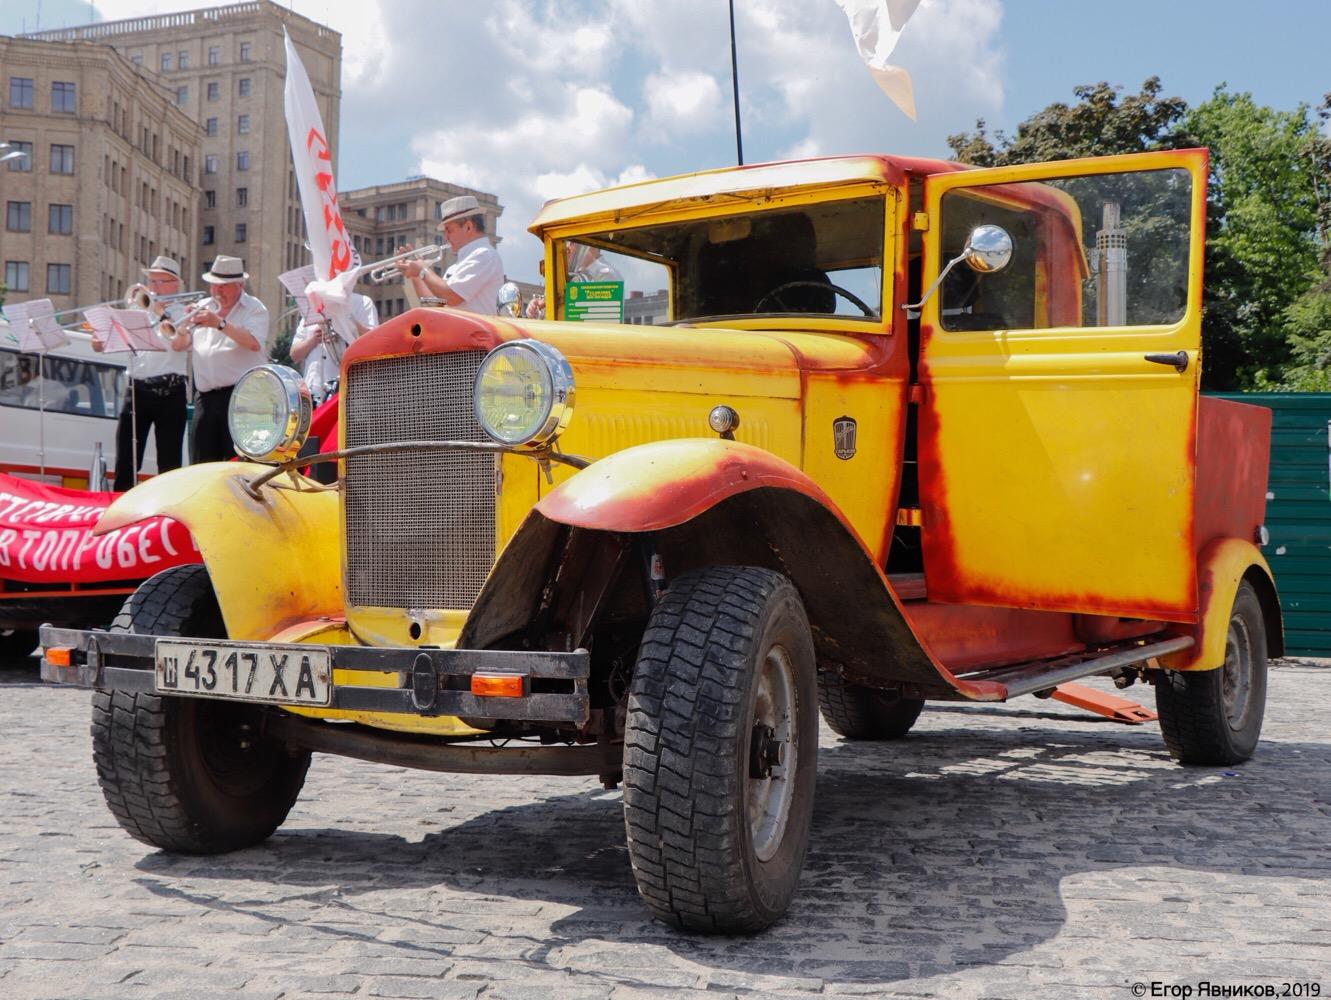 Пикап ГАЗ-4 (возможно, что это реплика), #ш4317ХА. Харьковская область, г. Харьков, площадь Свободы